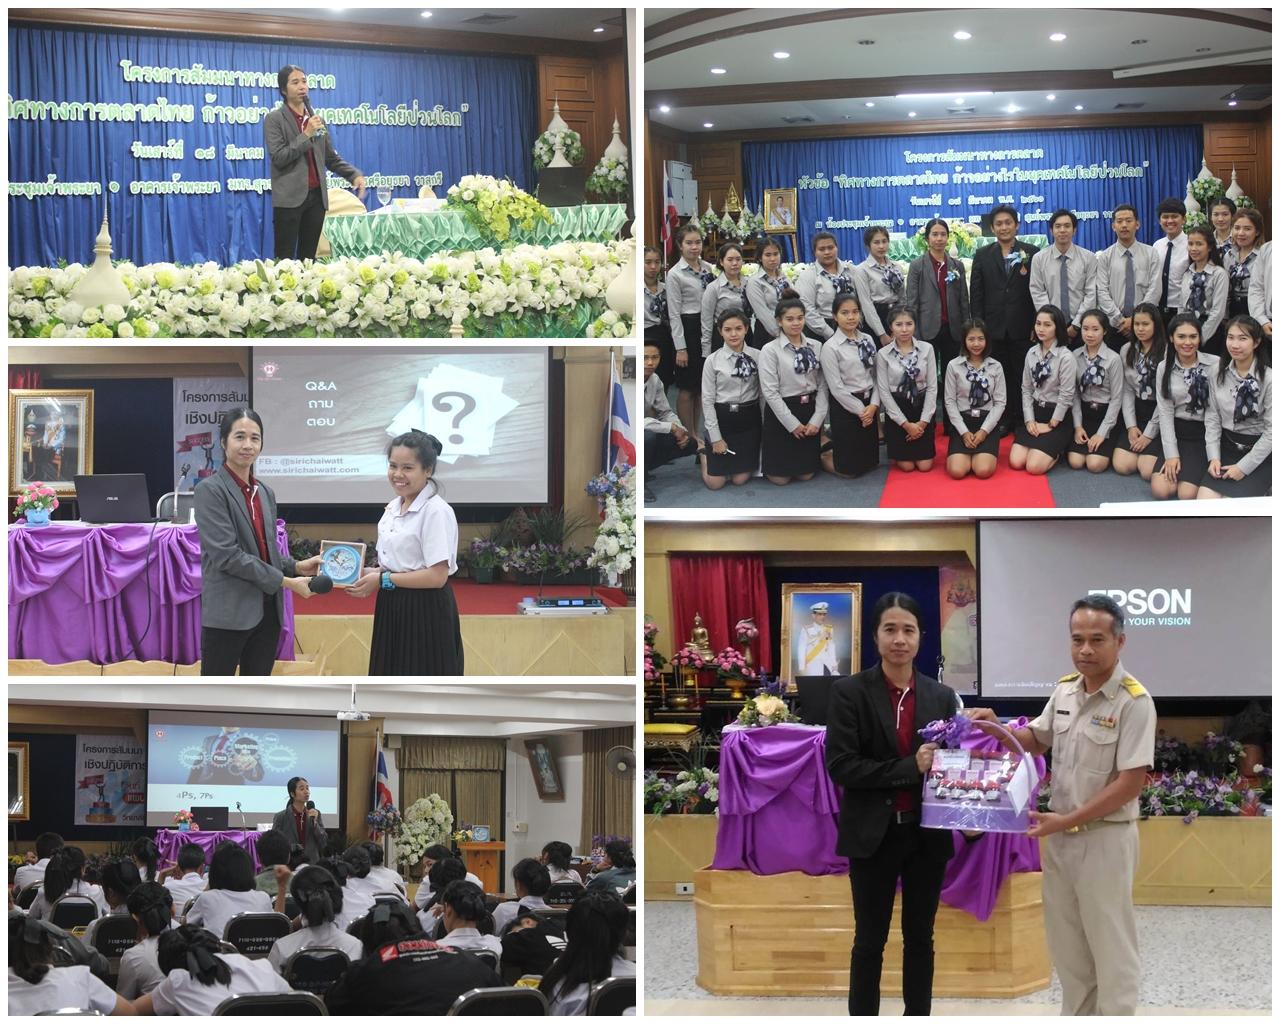 บรรยายการตลาด ภาวะผู้นำ ให้ความรู้หน่วยงานราชการ สถานศึกษา